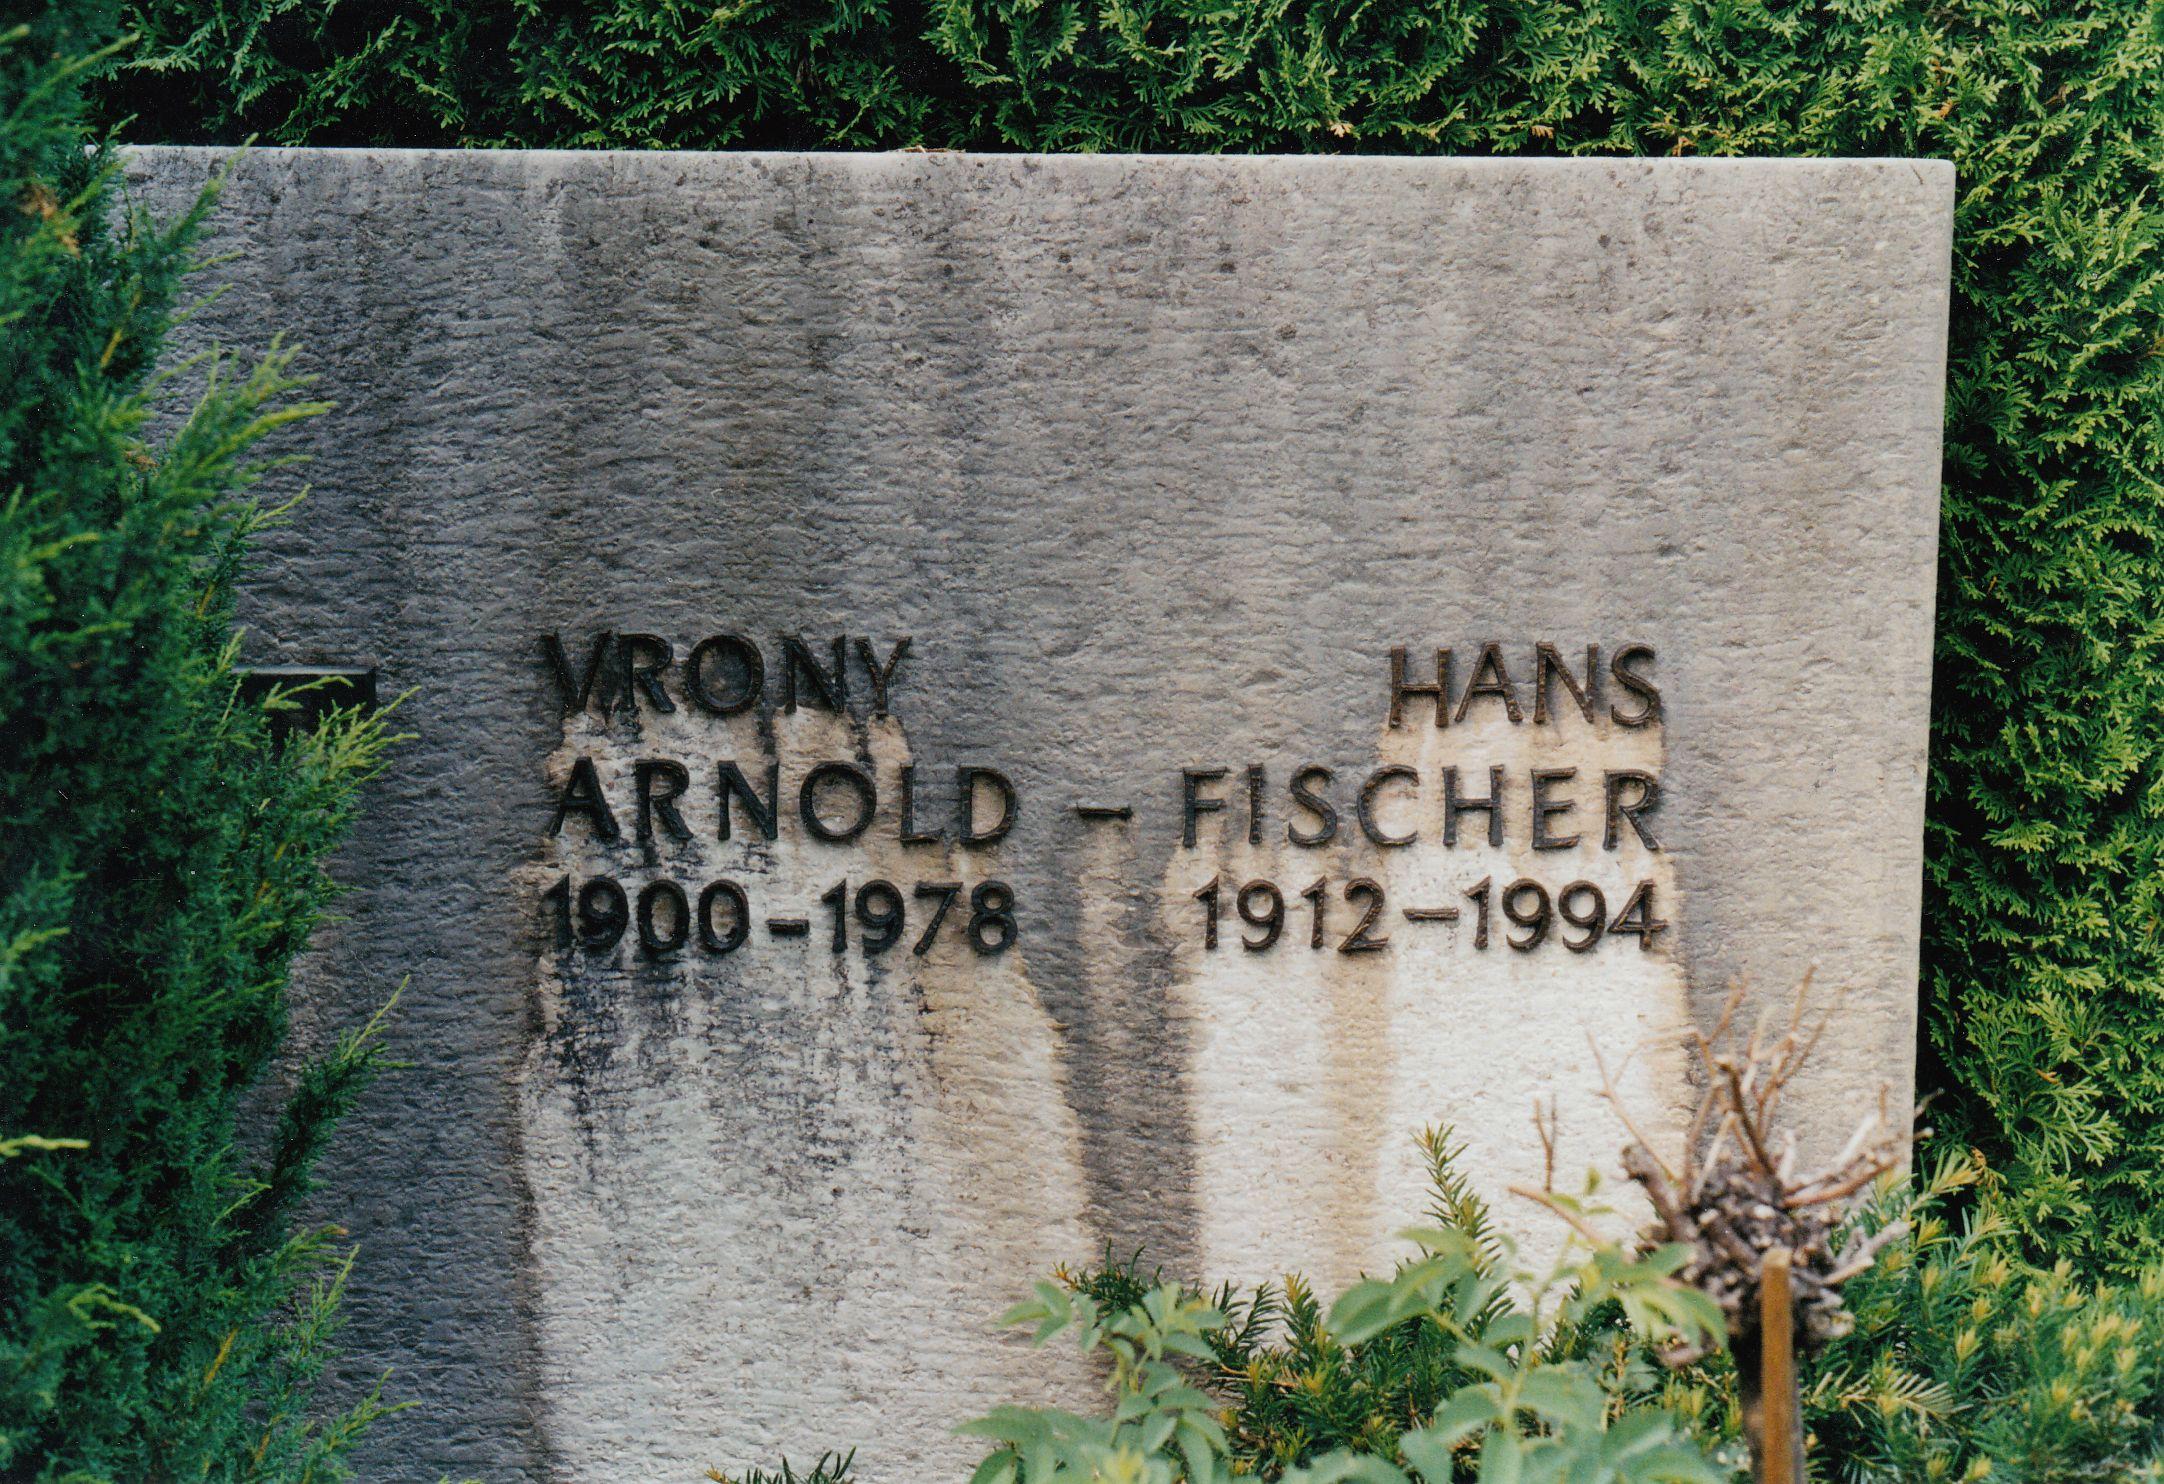 Grabstein Vrony und Hans Arnold-Fischer